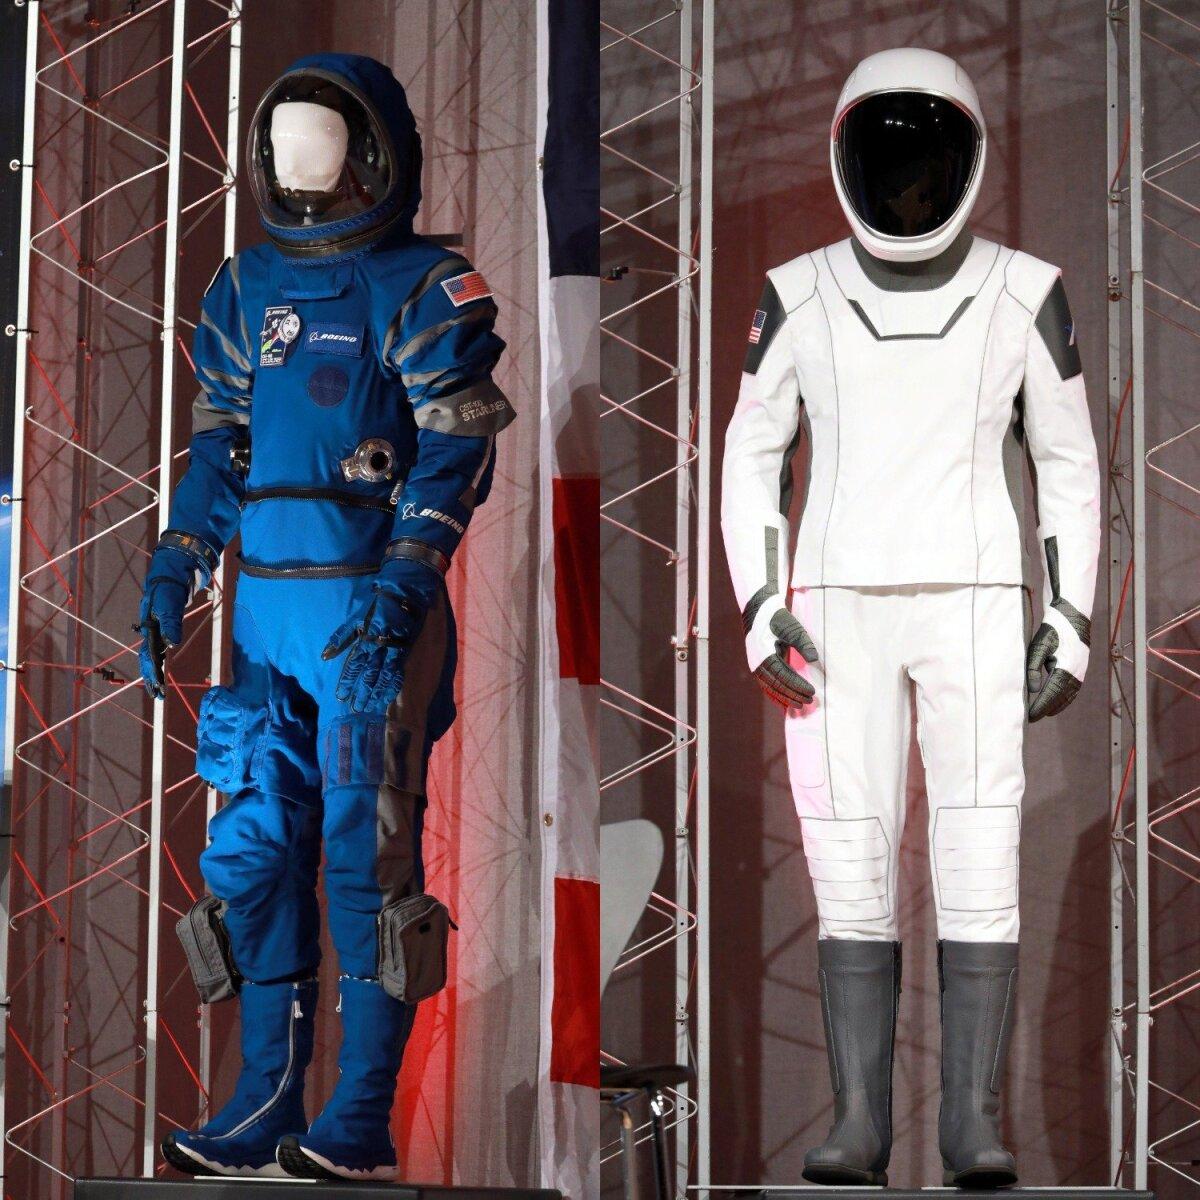 Костюмы Boeing (слева) и SpaceX (справа)